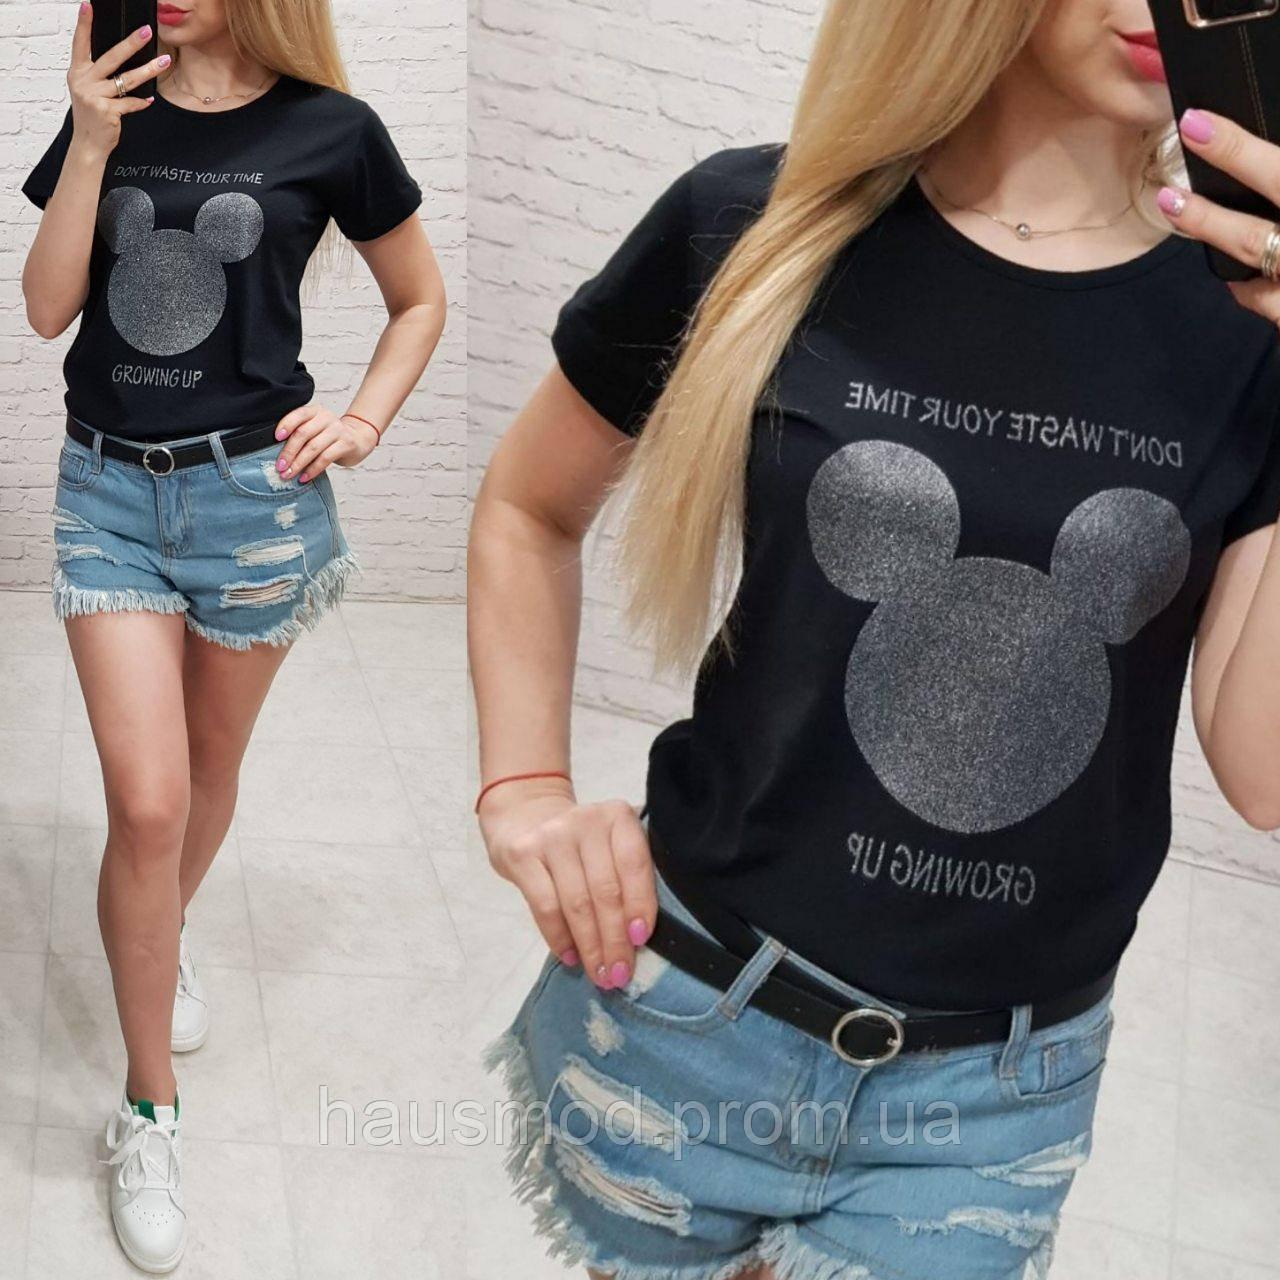 Женская футболка летняя качество Growing Up турция 100% катон цвет черный